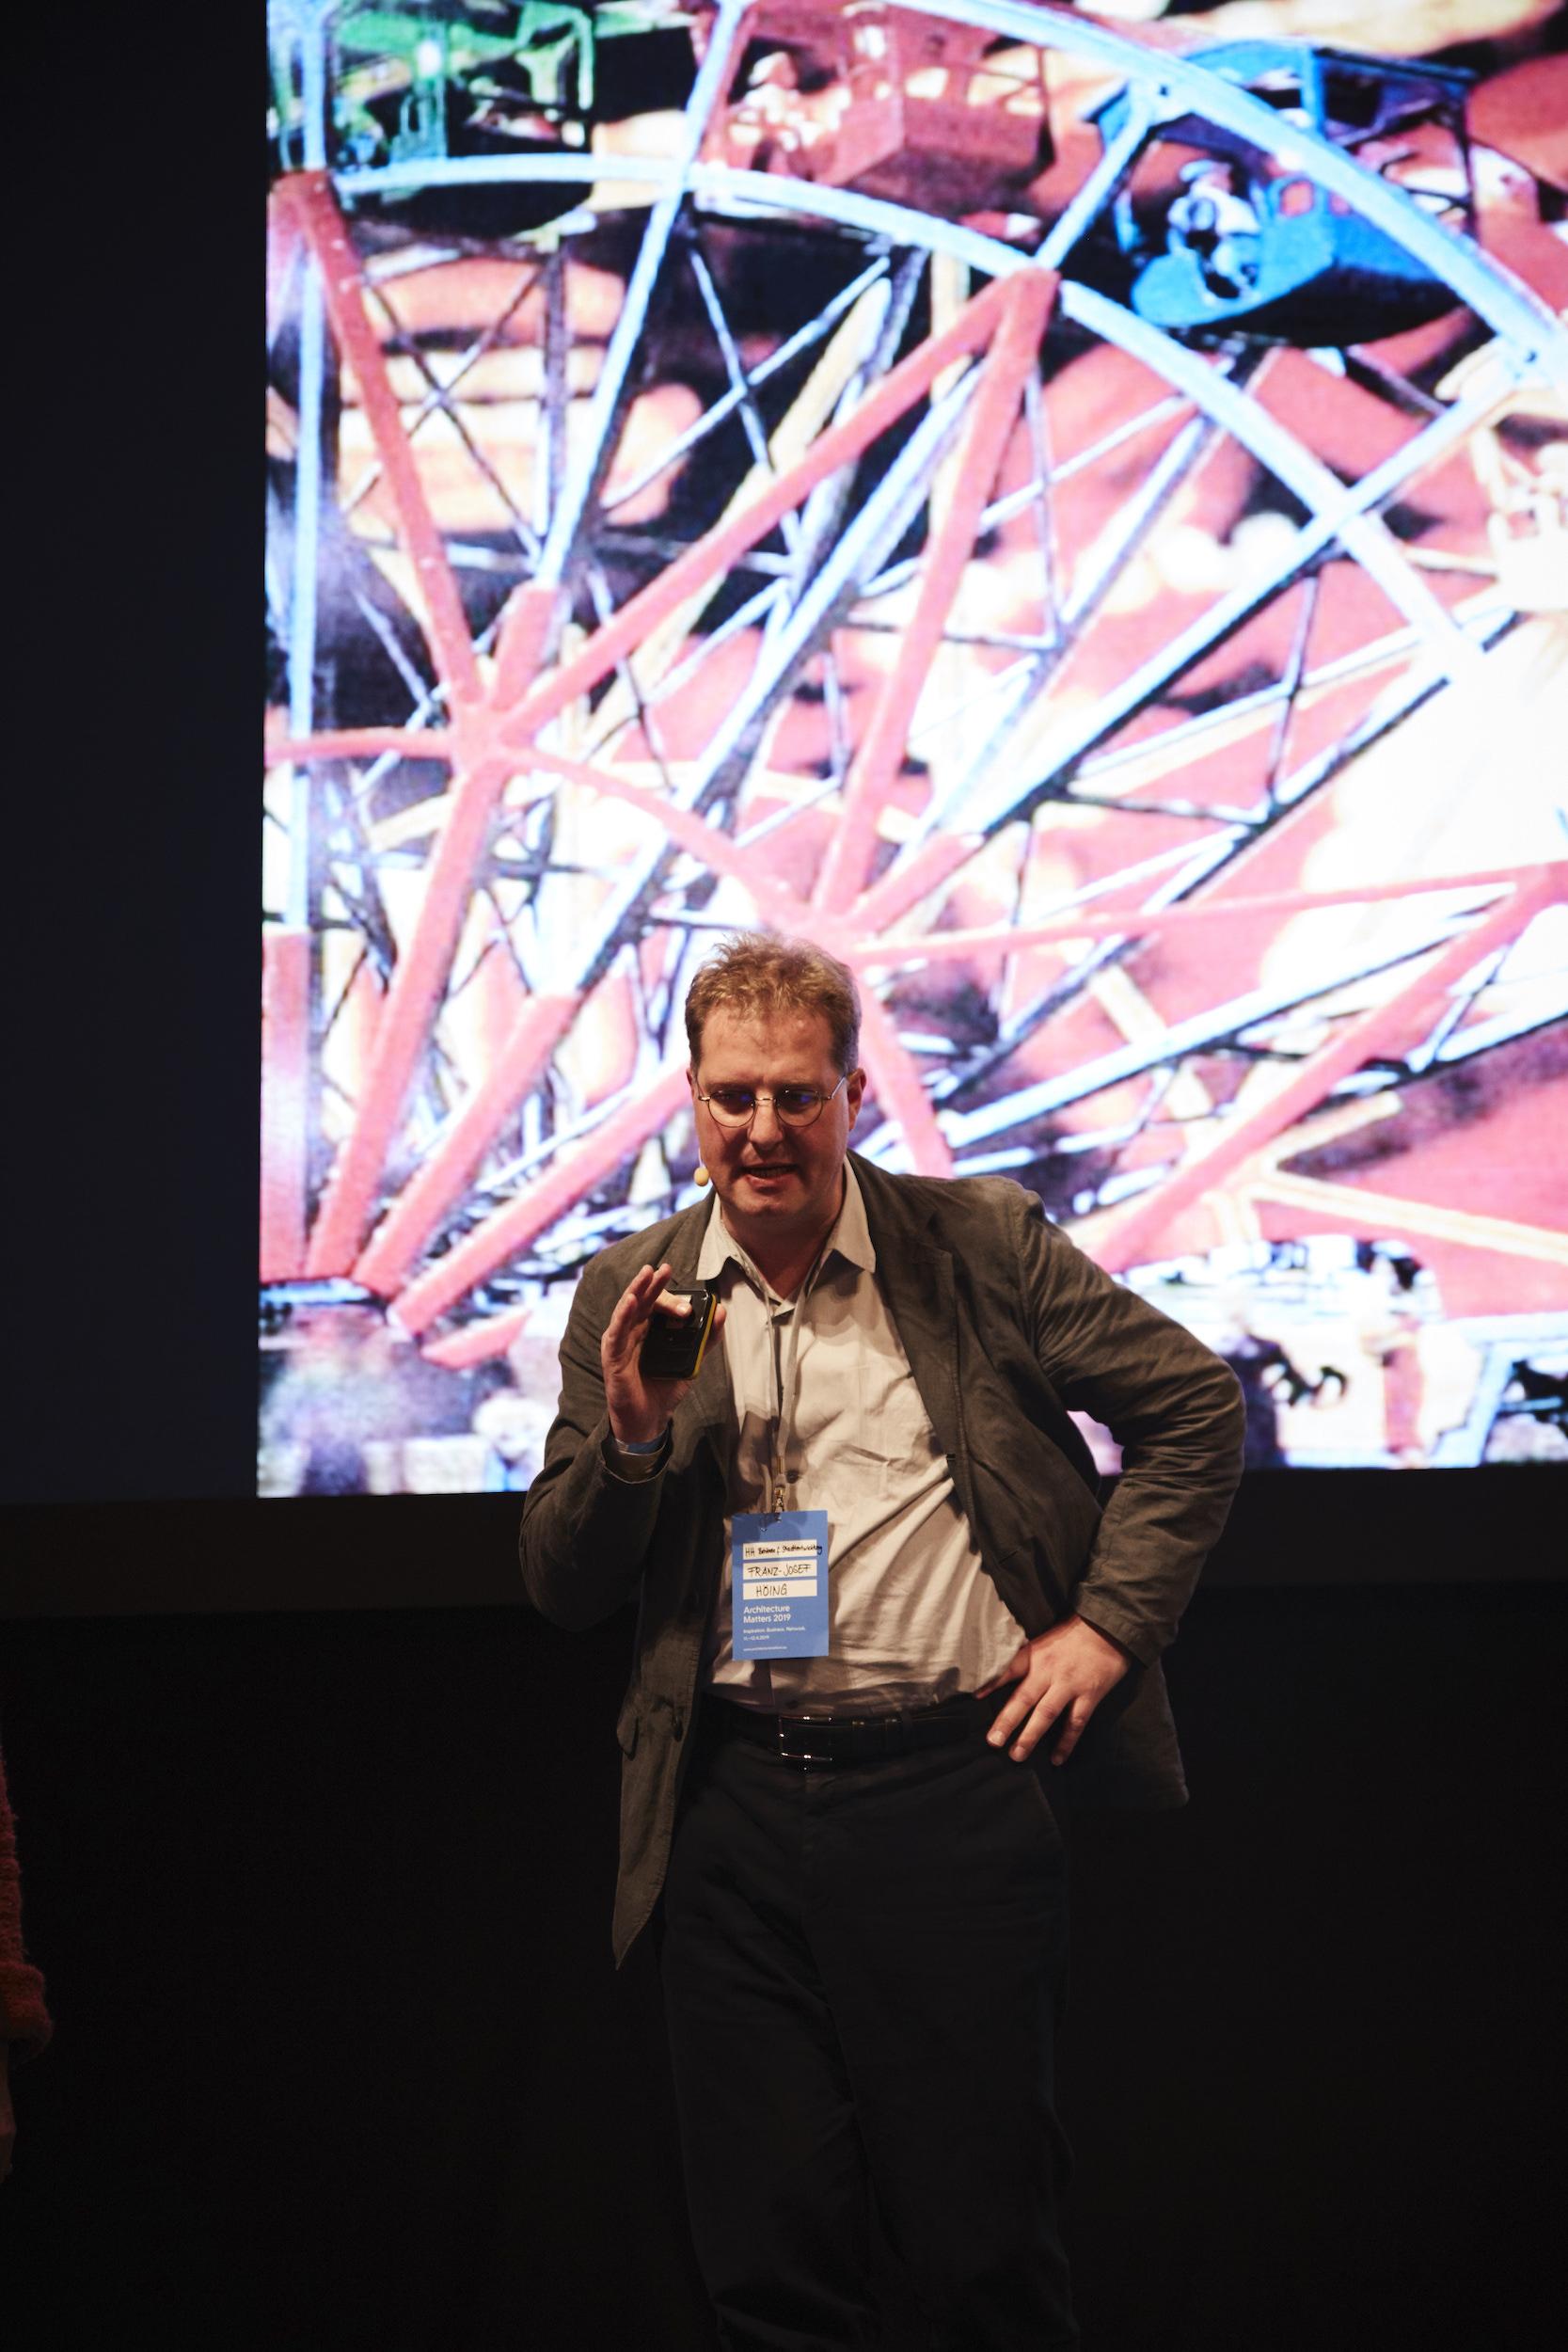 Vortrag Franz-Josef Höing, Architecture Matters Konferenz 2019 in der Alten Akademie München